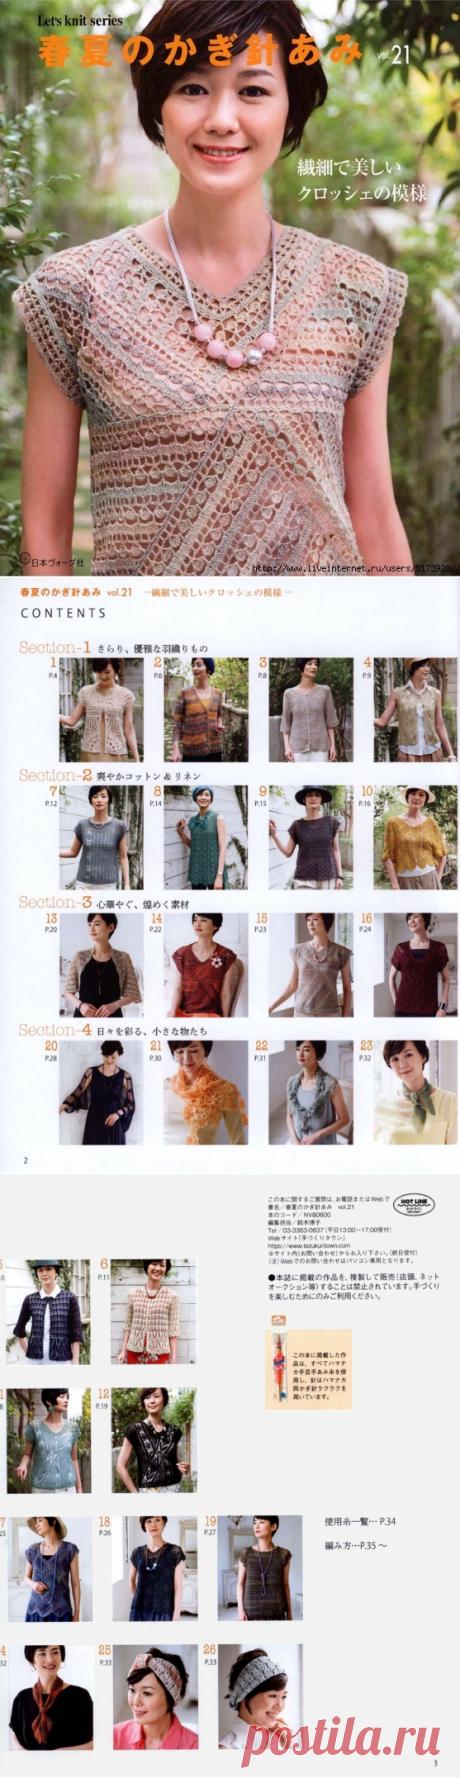 """Журнал """"Let's Knit Series"""" 80600 2019. / Обсуждение на LiveInternet - Российский Сервис Онлайн-Дневников"""